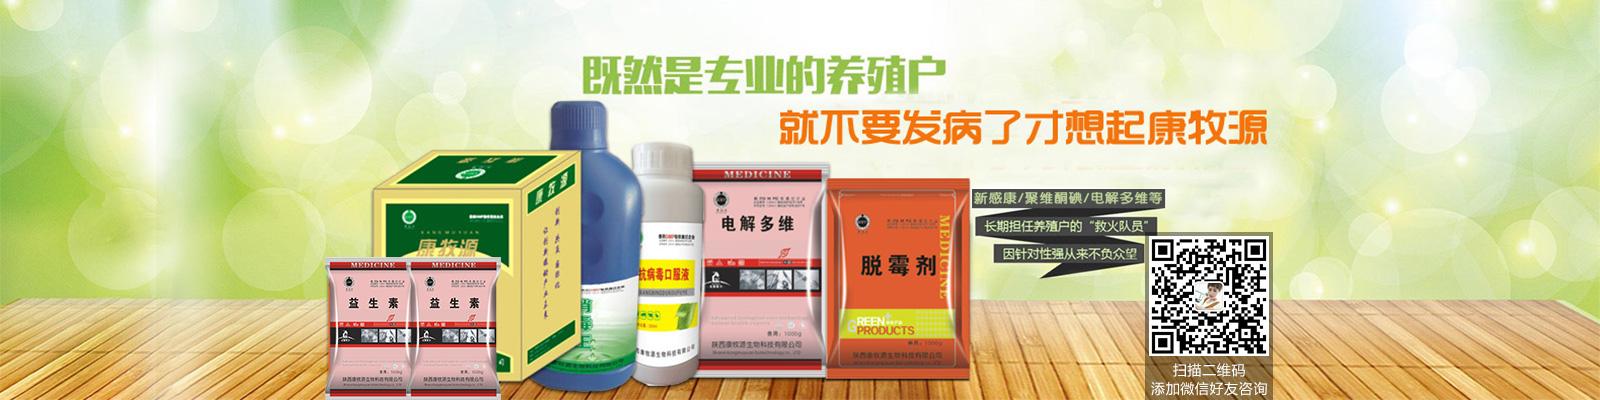 陕西康牧源生物科技有限公司